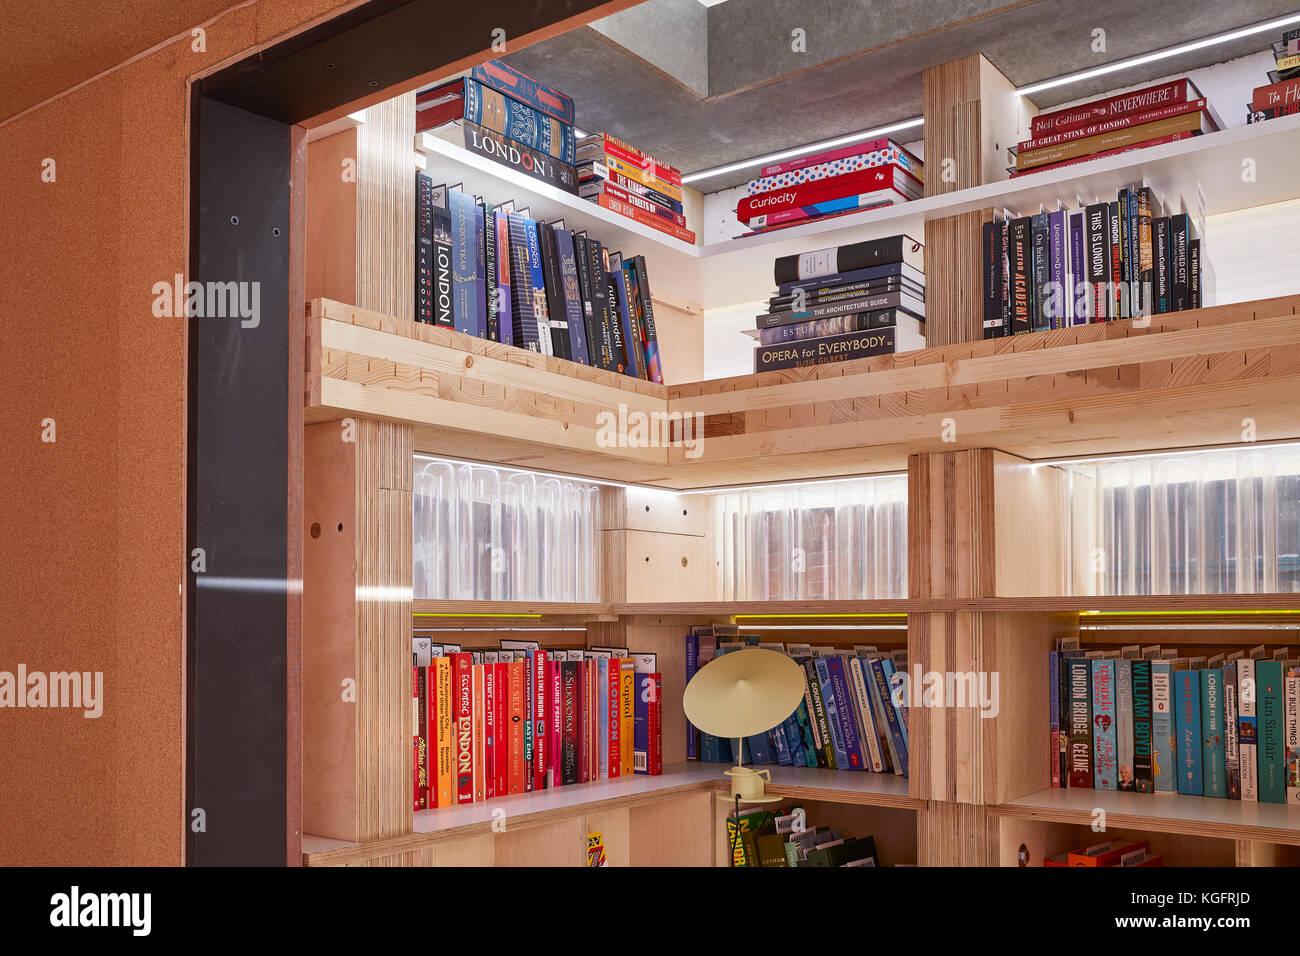 Details von Holz Bücherregal. Der Stack - mini Living urban Kabine, London, Großbritannien Architekt: Stockbild